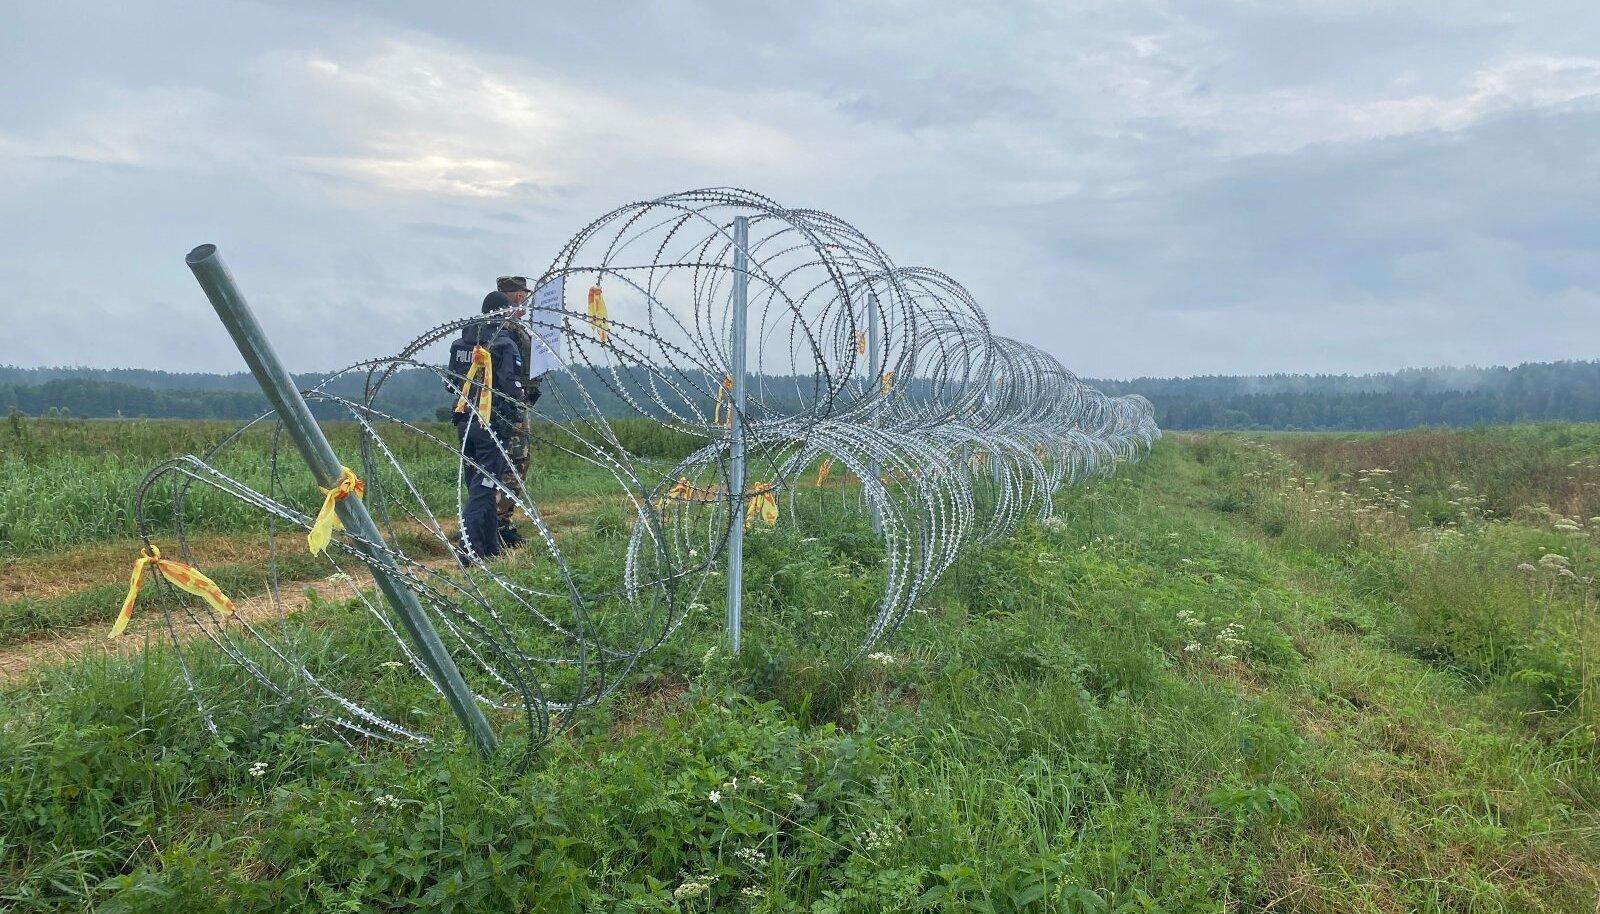 Здесь заканчивается забор из колючей проволоки. У Литвы при строительстве заграждения она закончилась, Эстония обещала прислать проволоку в качестве гумантираной помощи. Но поможет ли?